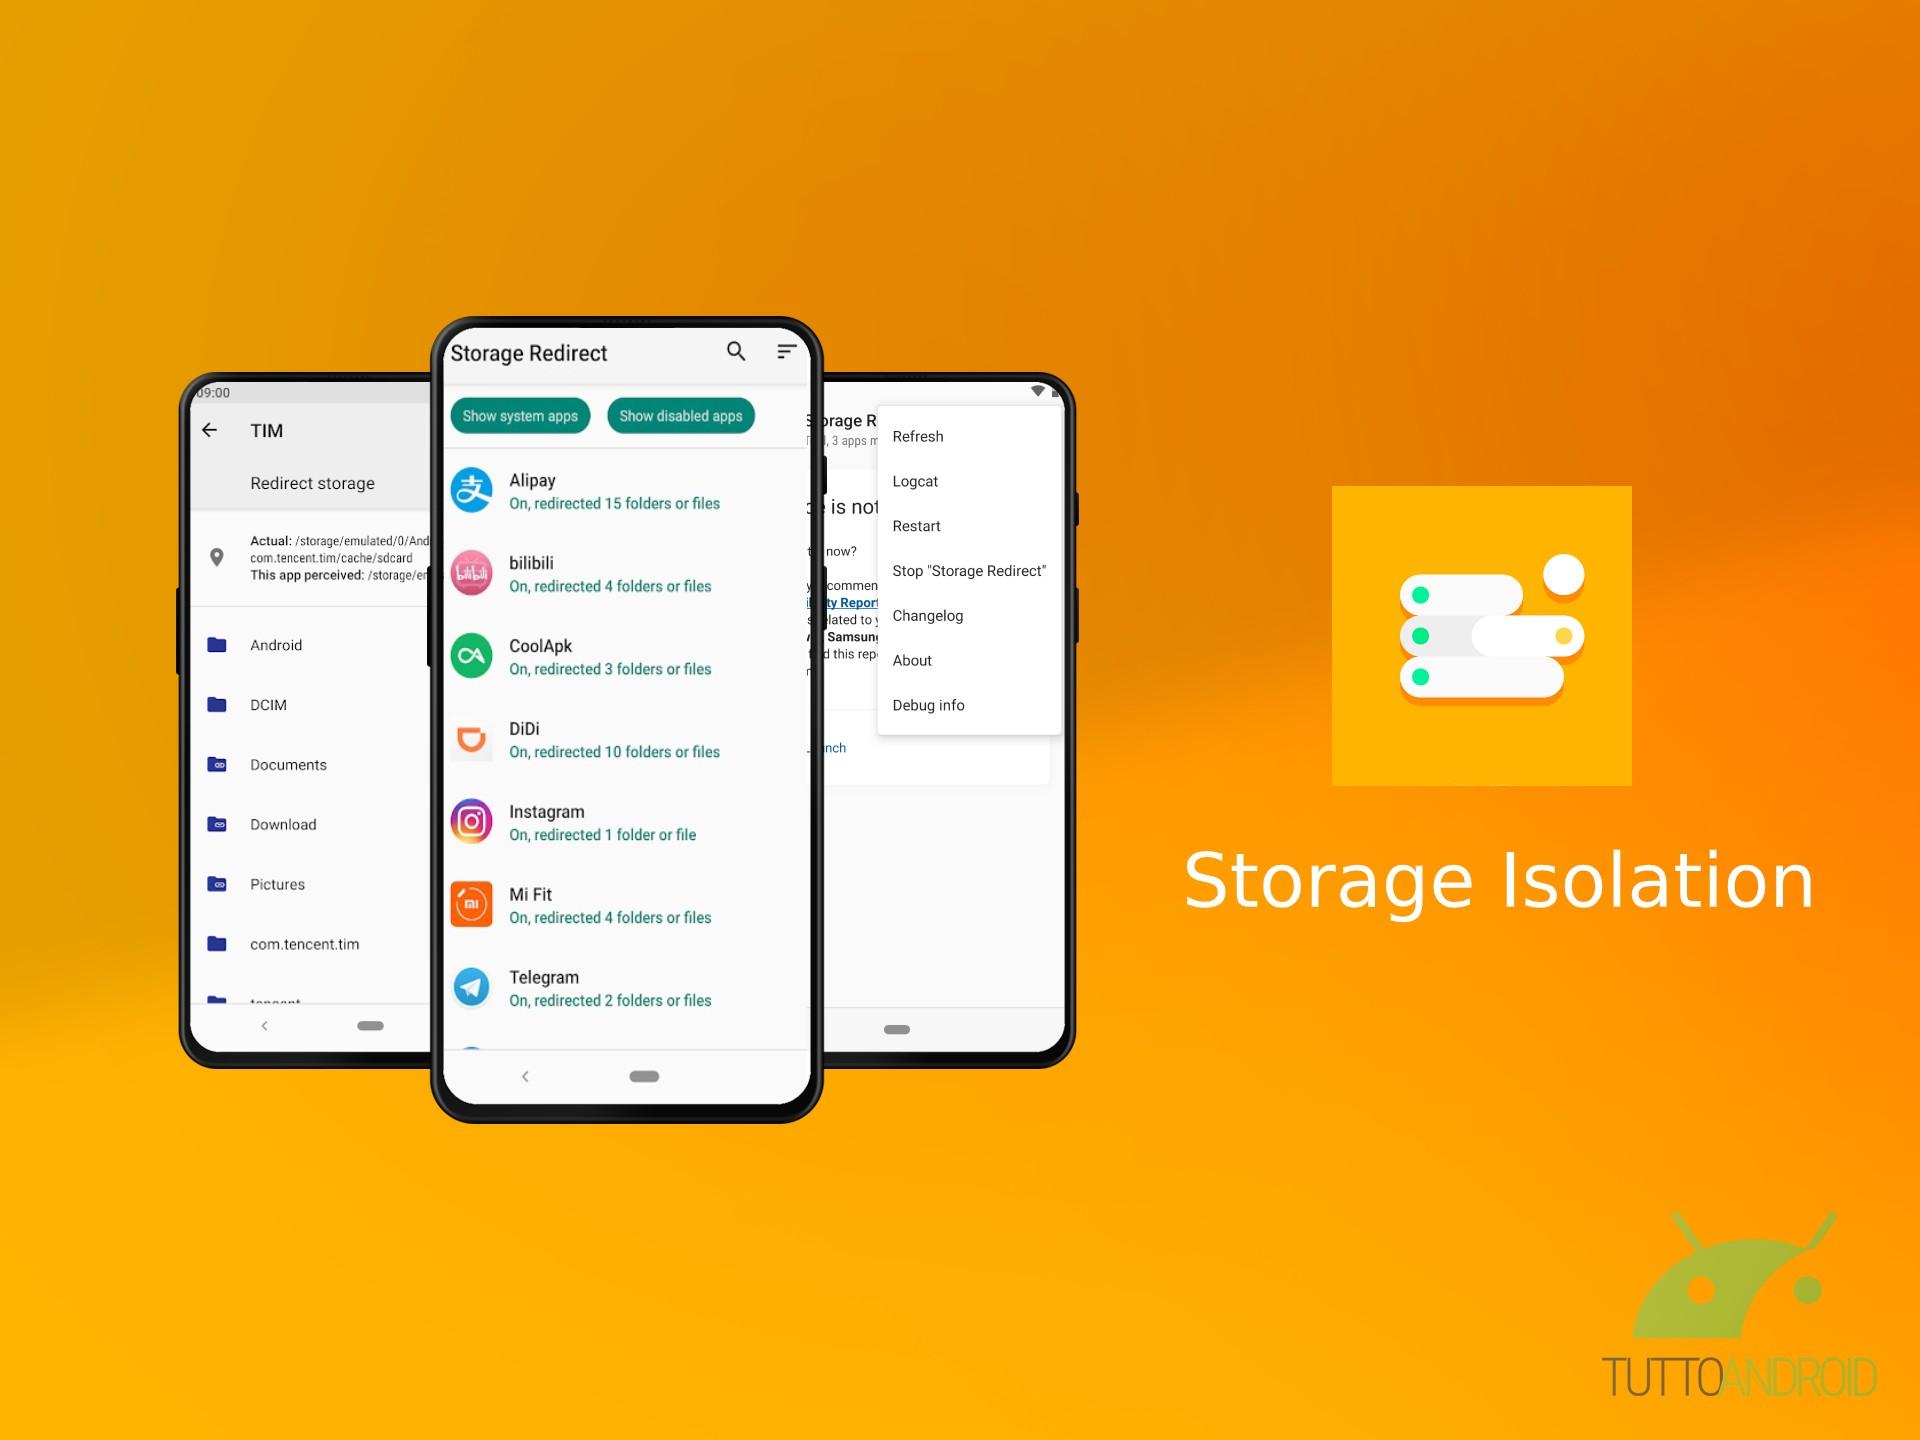 Storage Isolation permette di isolare lo spazio di archiviaz